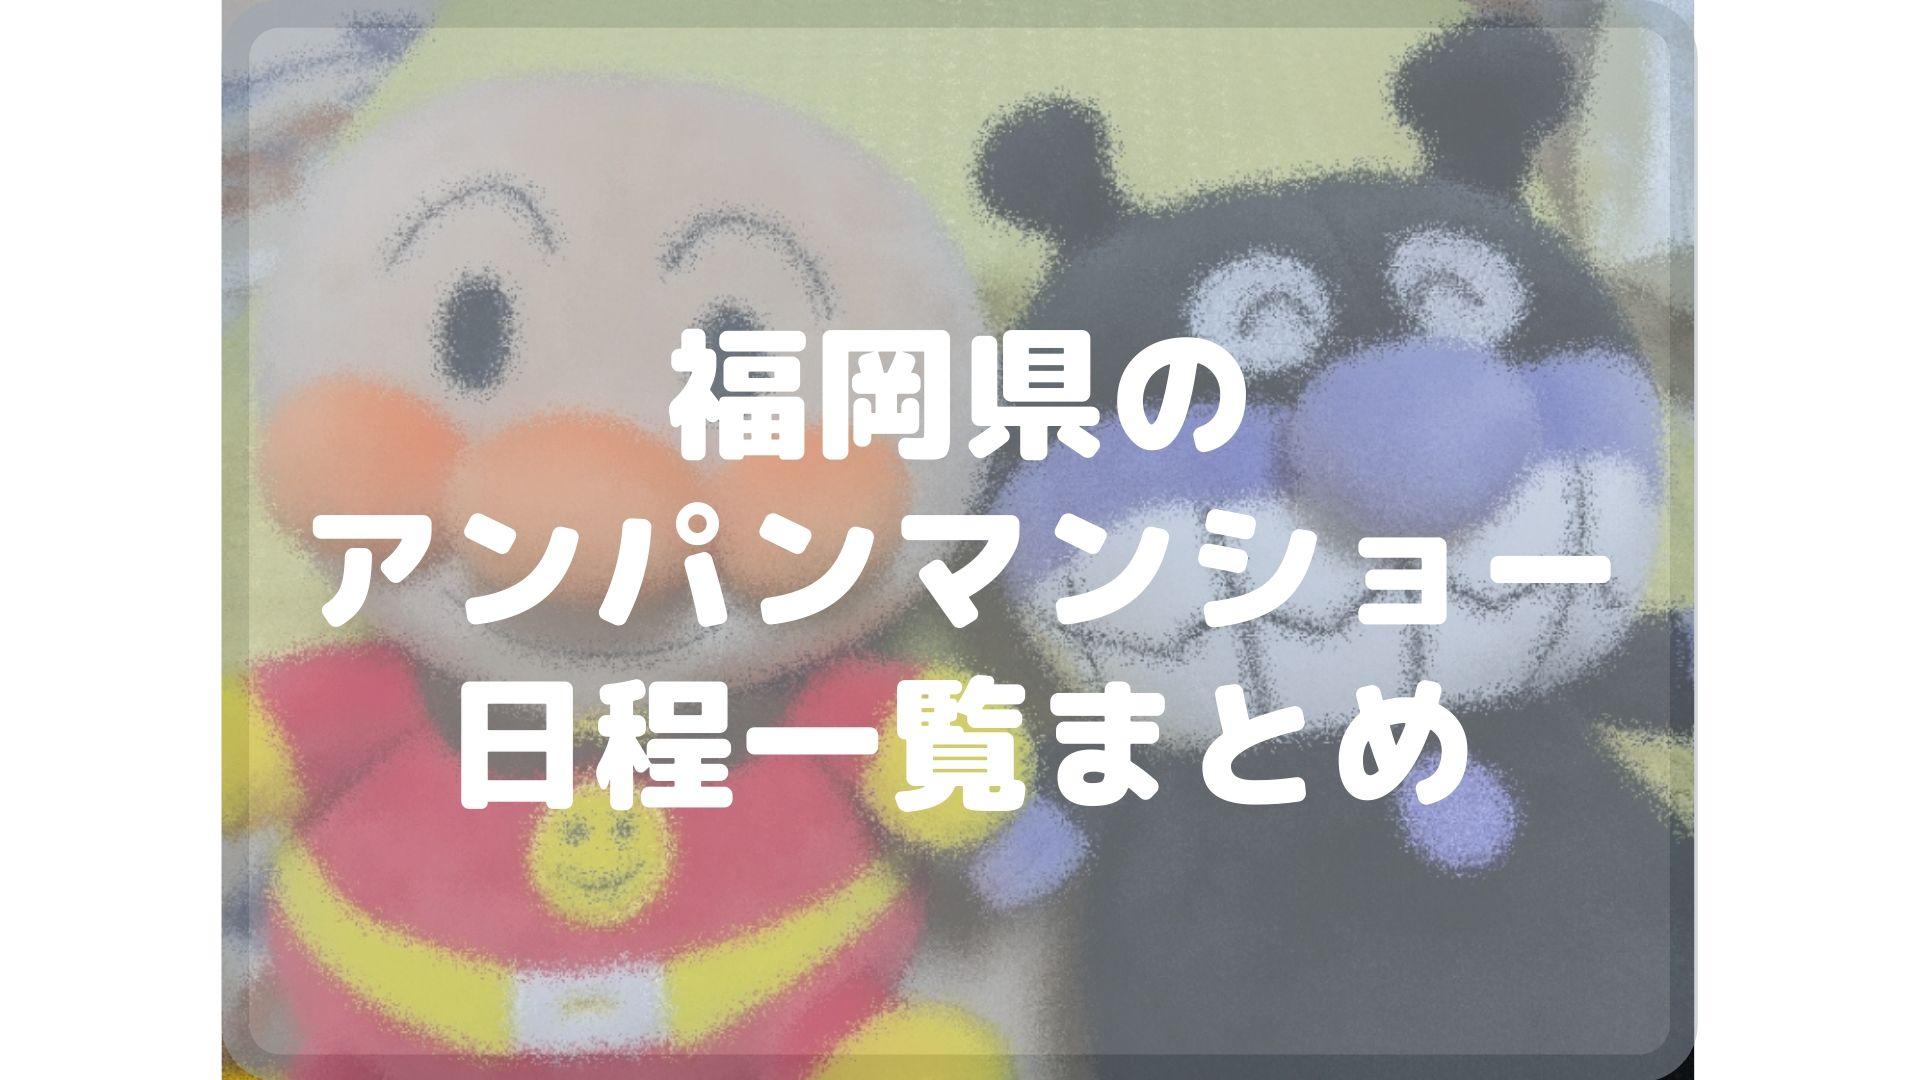 福岡県のアンパンマンショータイトル